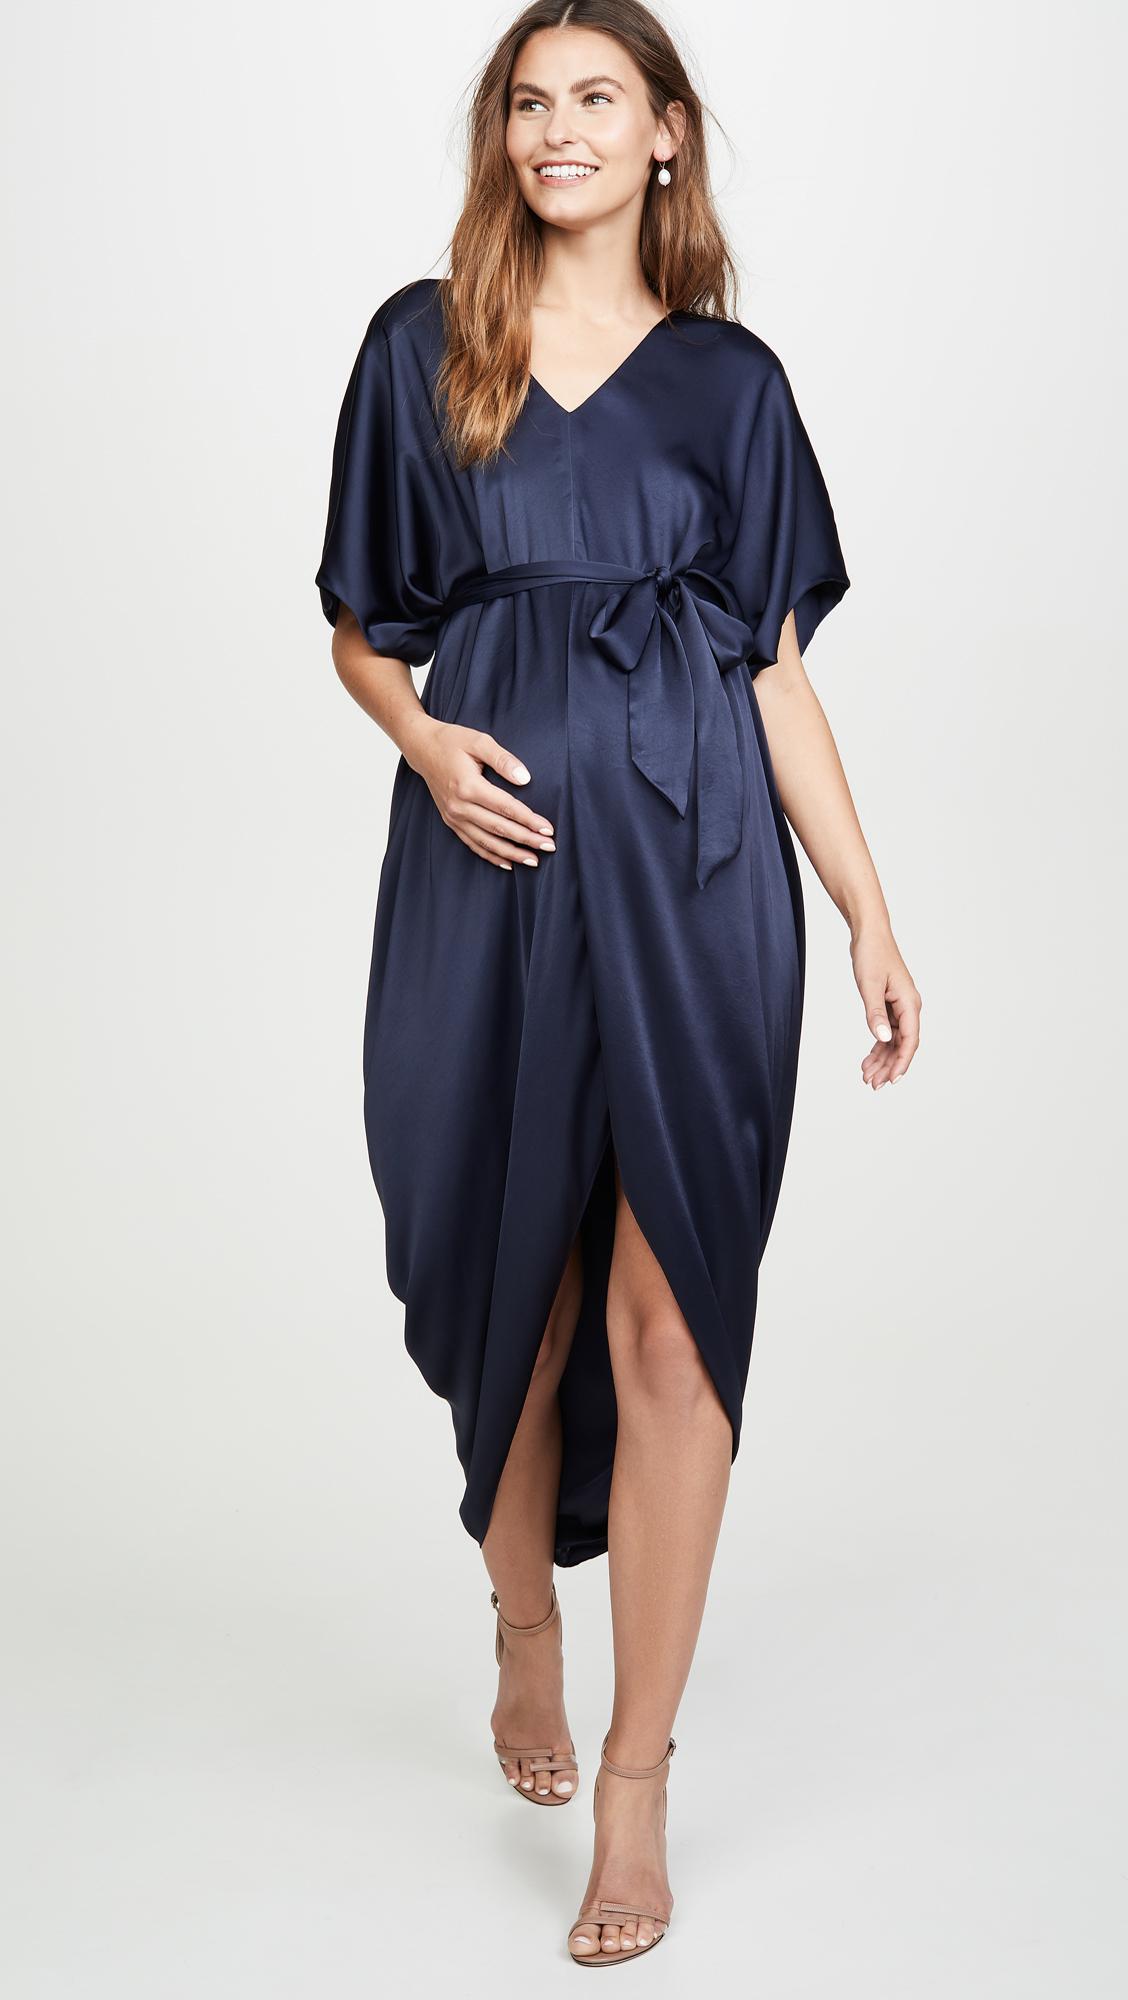 Hatch Riviera Dress